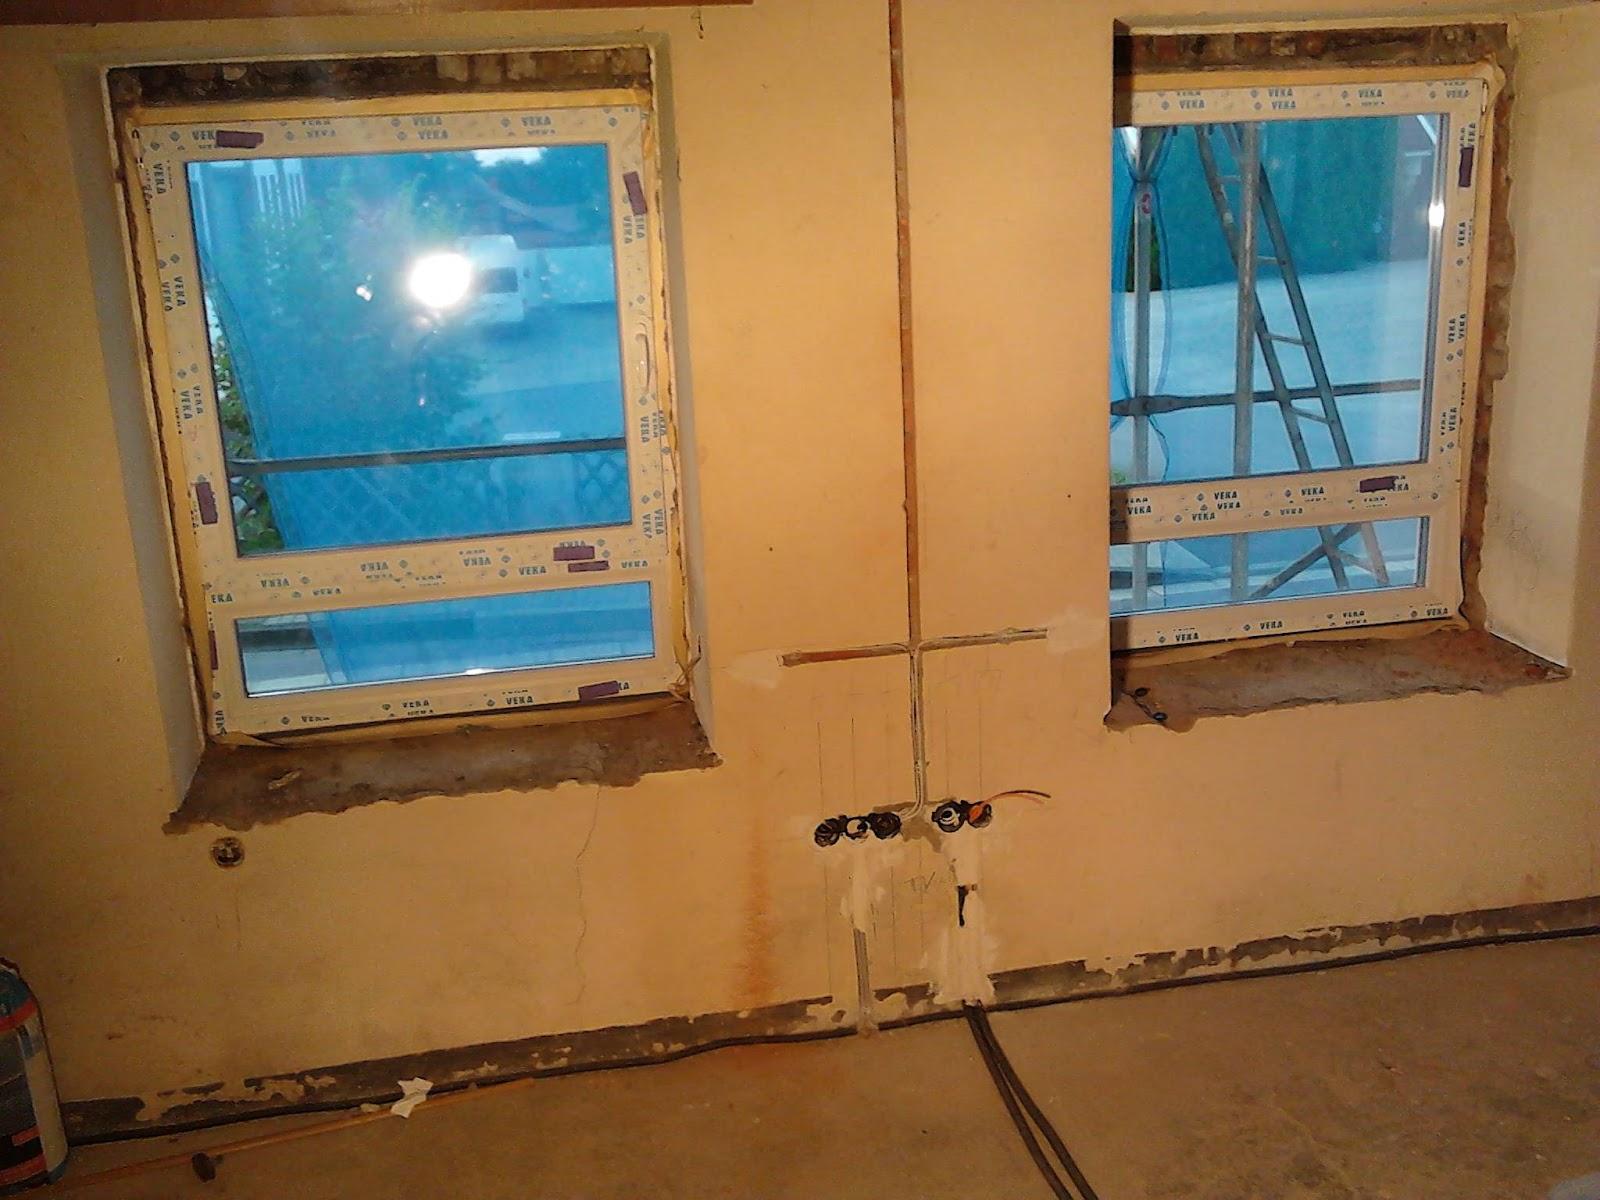 Außergewöhnlich Sitzfensterbank Dekoration Von Die Wohnzimmerfenster, Bei Denen Ich Ja Gerne